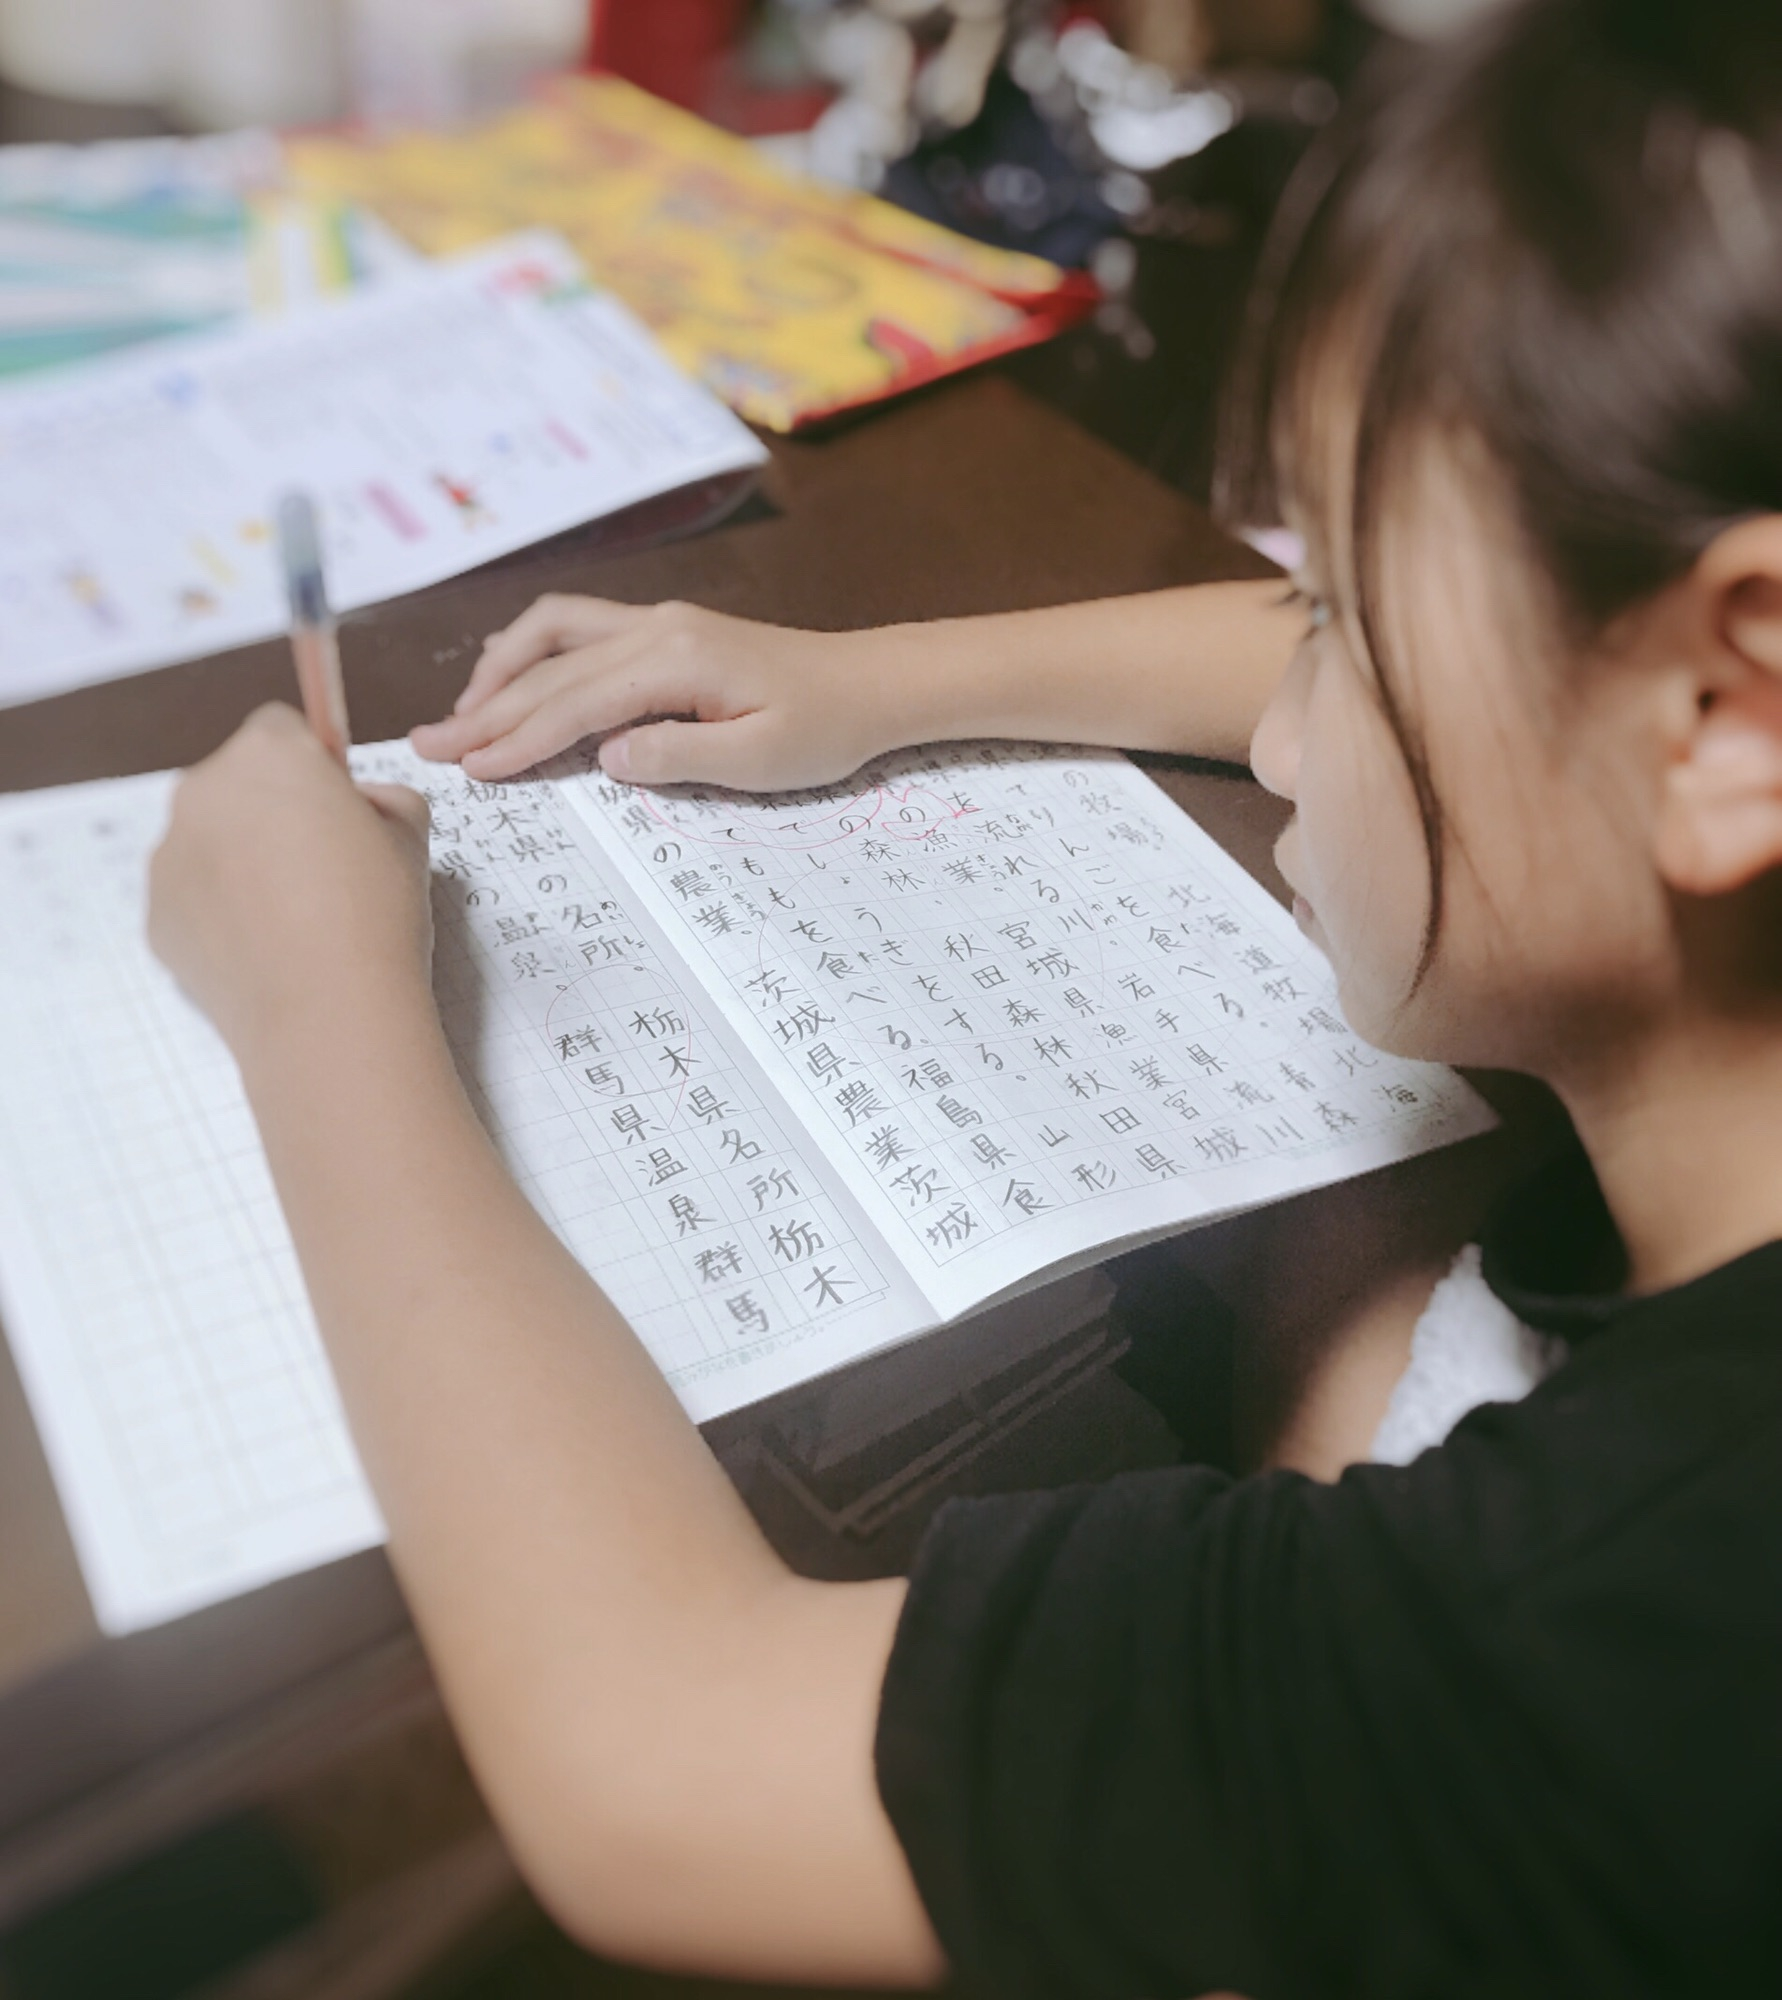 【画像】ソファで漫画を読んでるショートパンツの女子小学生の尻がエロい  [824160602]->画像>31枚